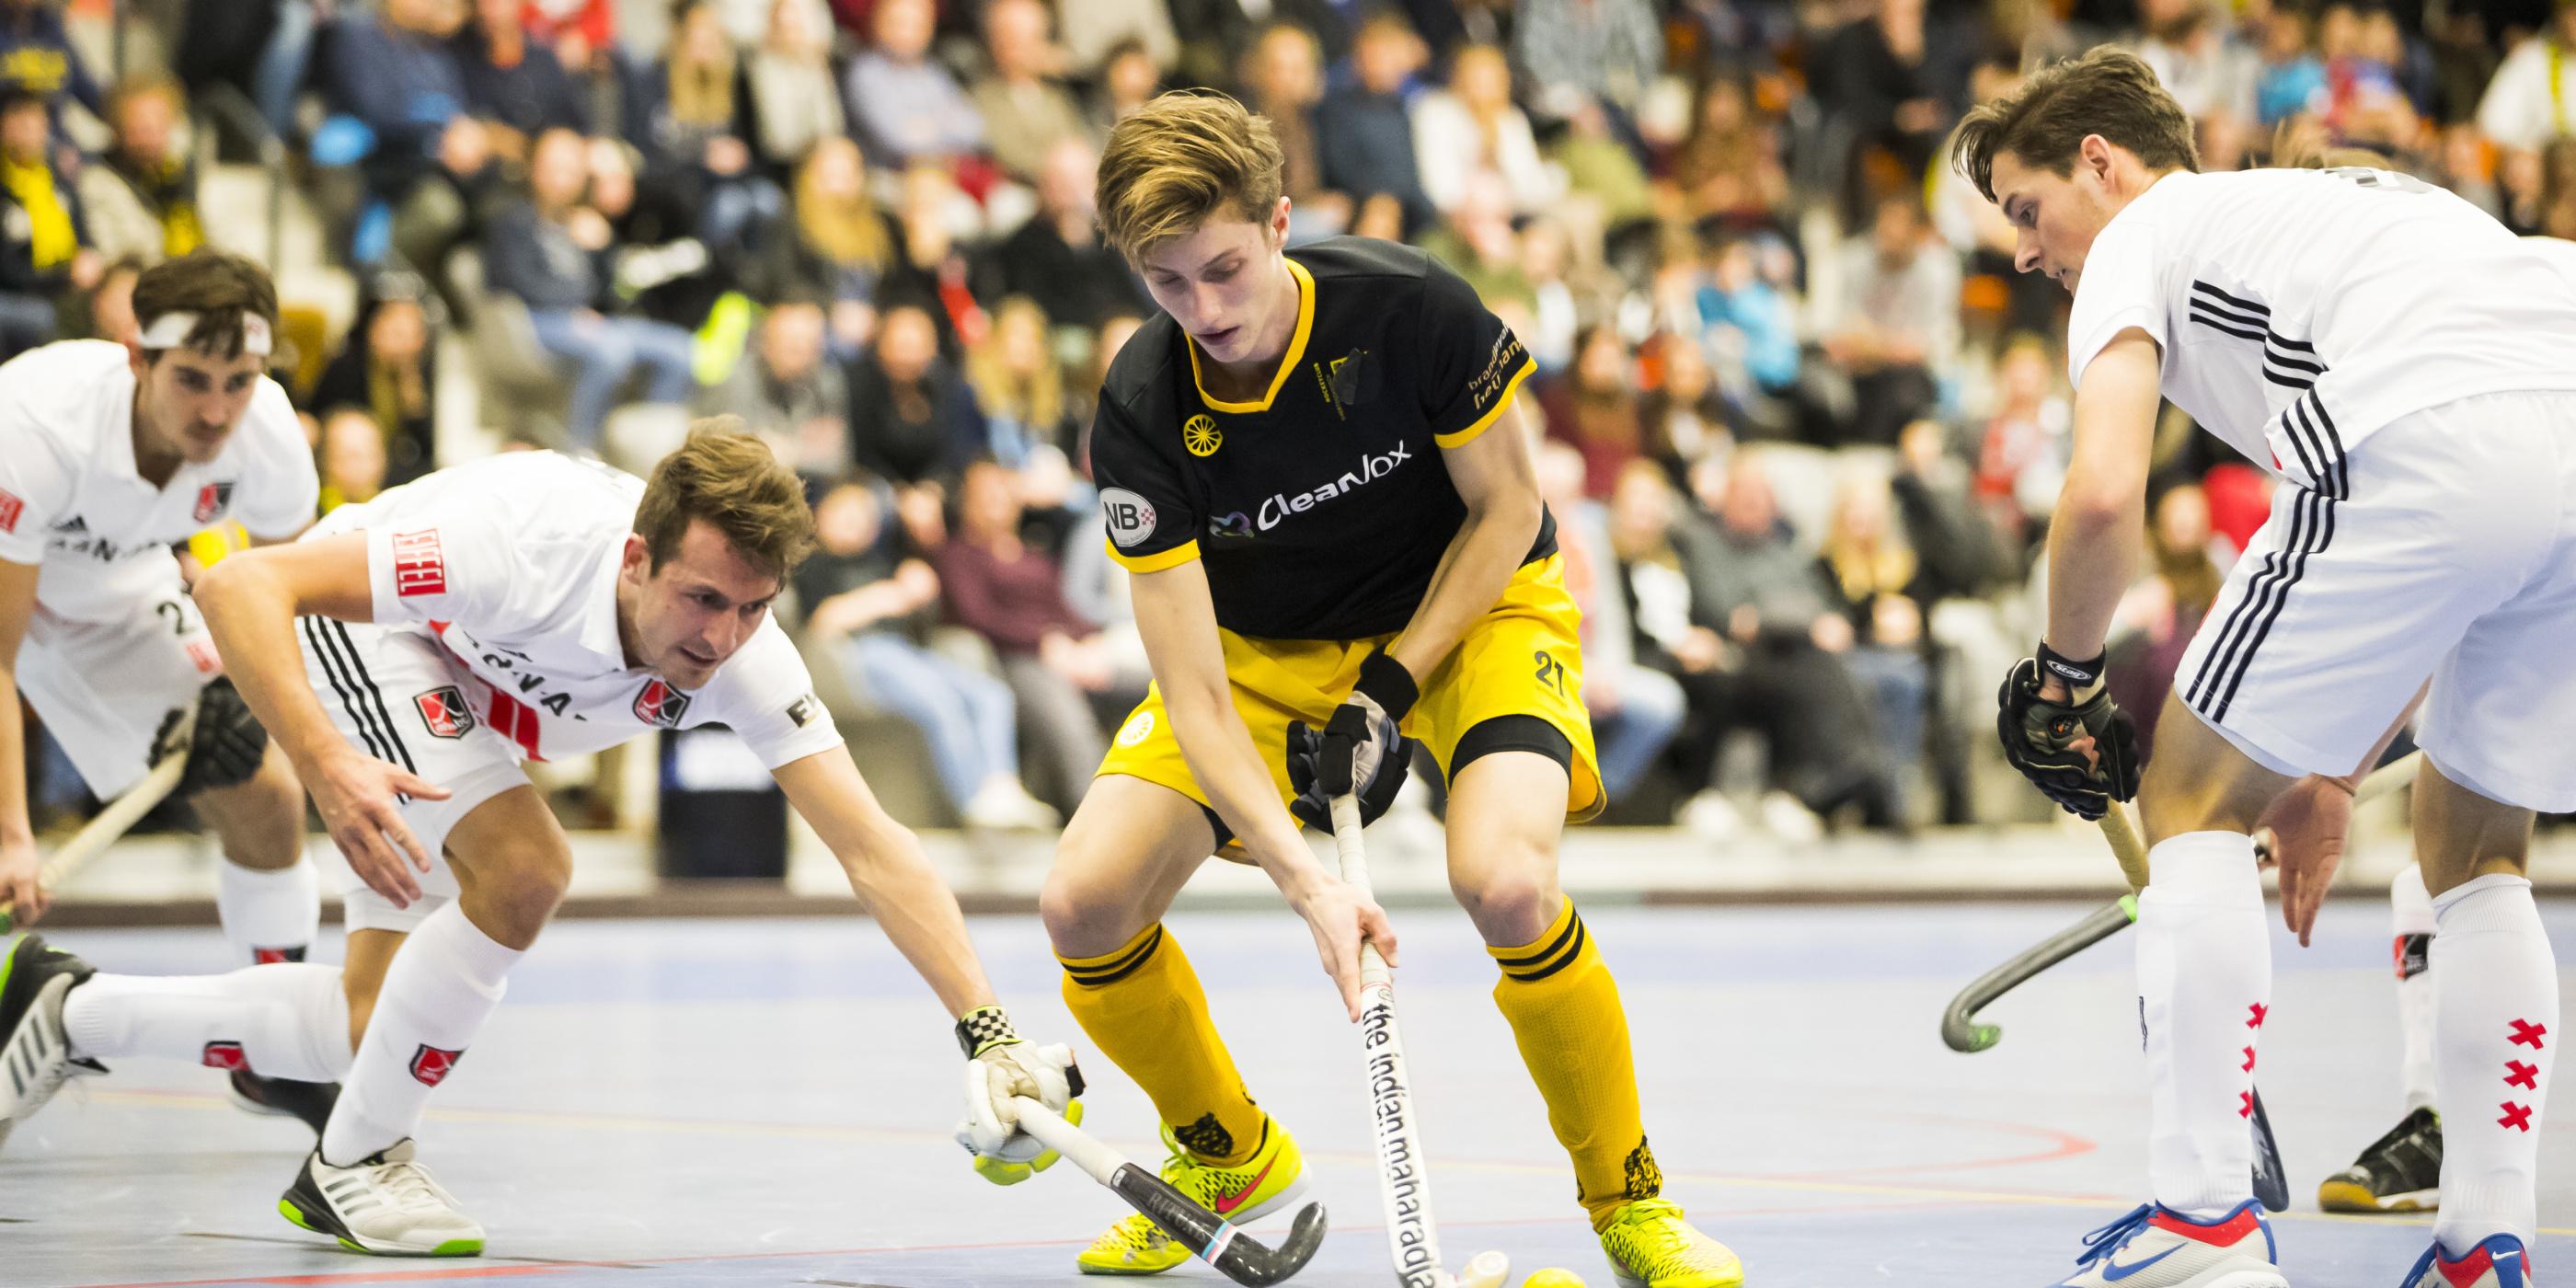 Spelerslijsten Hoofdklasse en Topklasse Districten zaalhockey gepubliceerd